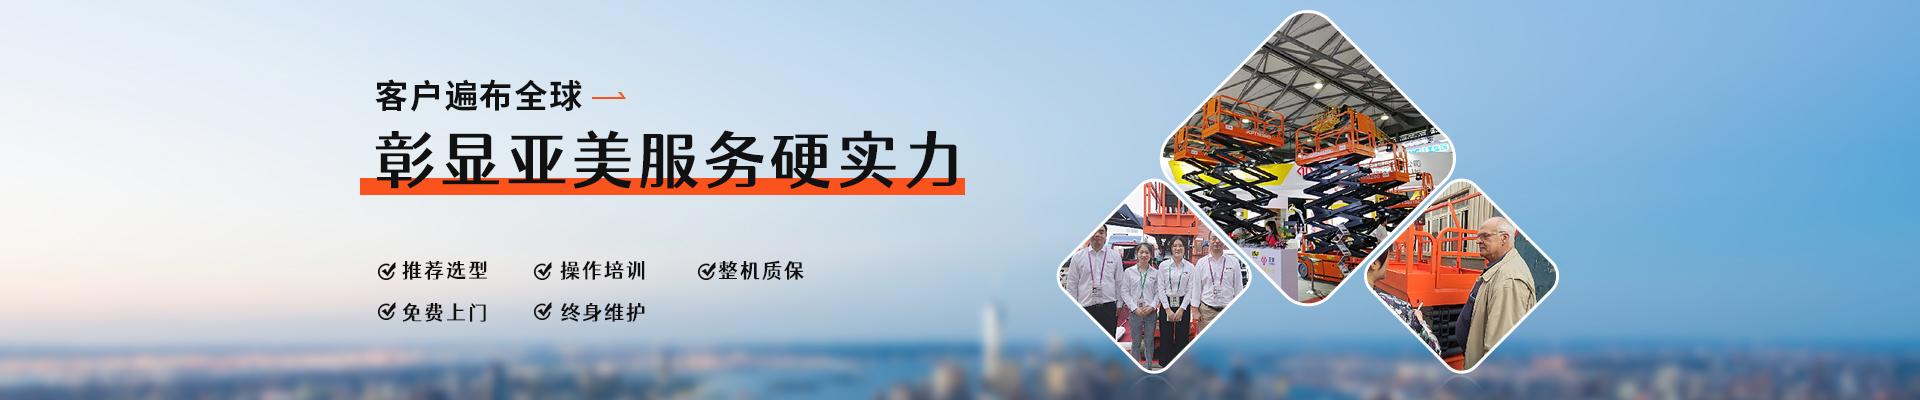 合肥亚美剪叉式高空作业平台-亚美合作客户遍布全球,以品质之心缔造中国制造